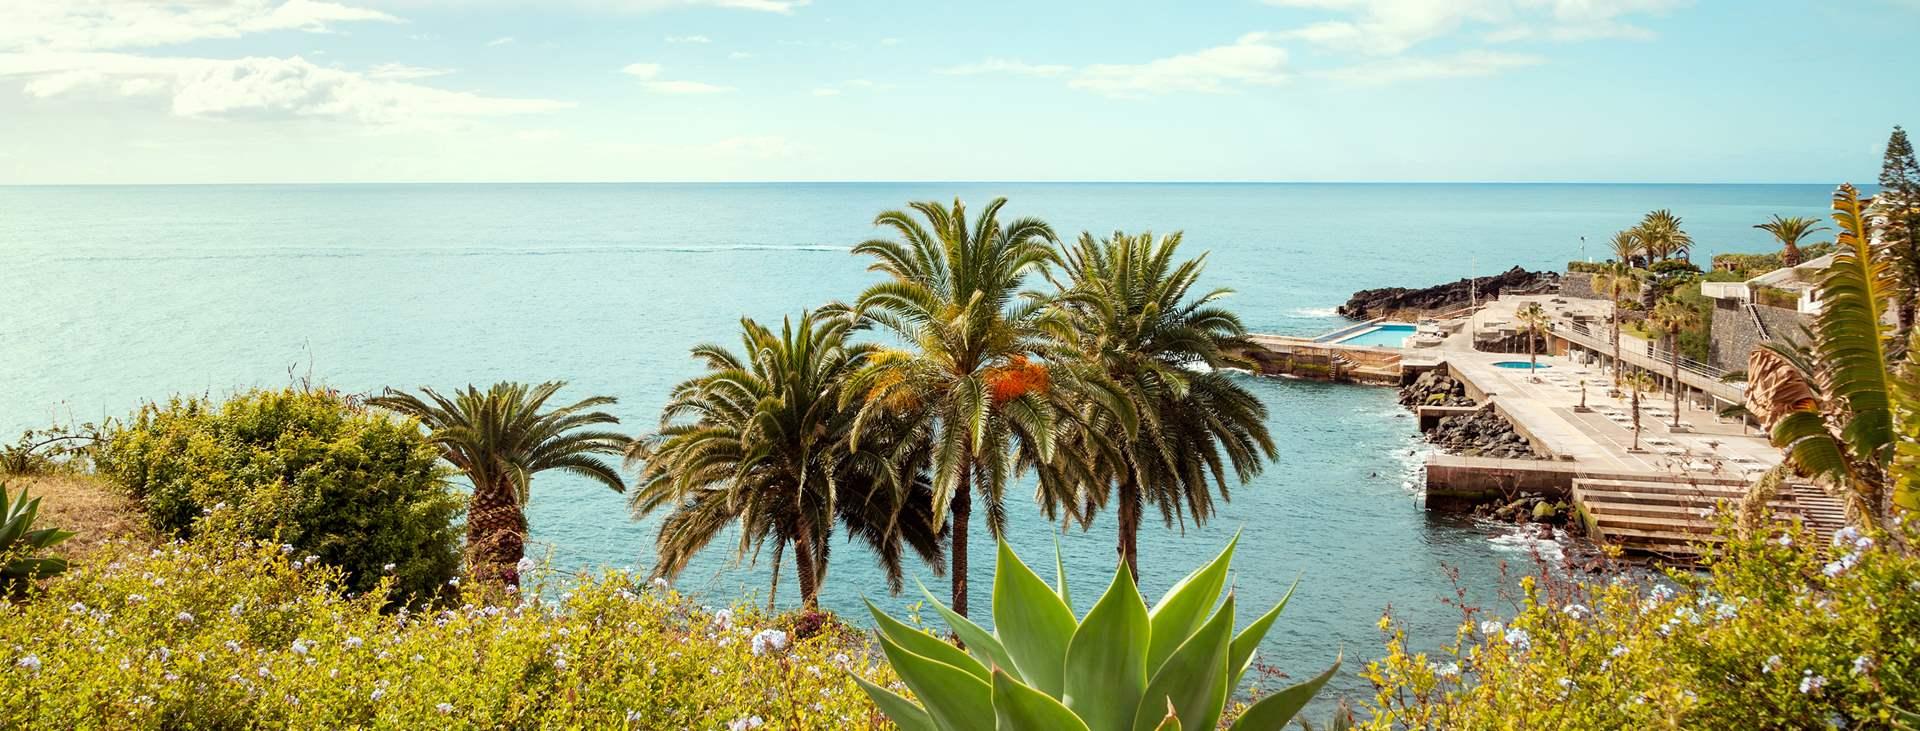 Mahtavia maisemia, levadavaelluksia - Kiehtova Funchal - varaa seuraava lomasi Tjäreborgilta